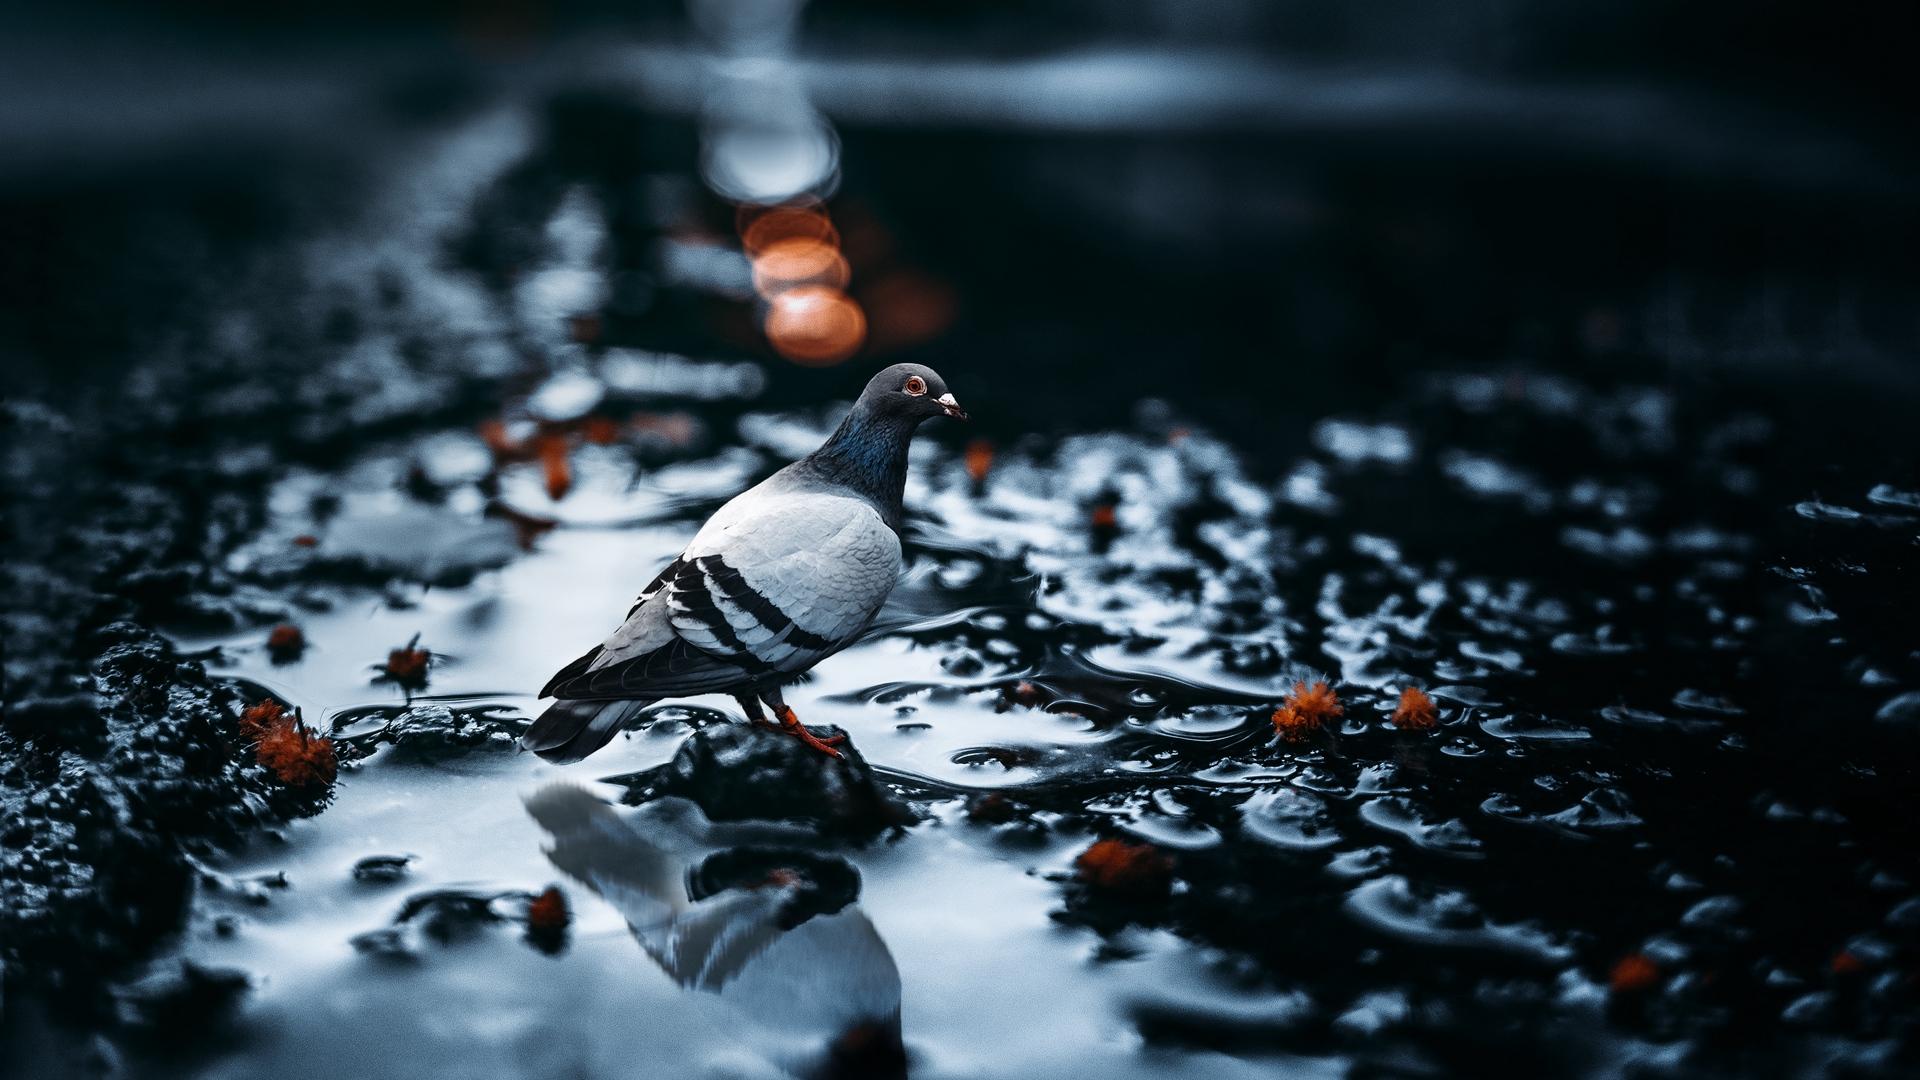 Wallpaper Animals Birds Photography Pigeons Wet Blurs